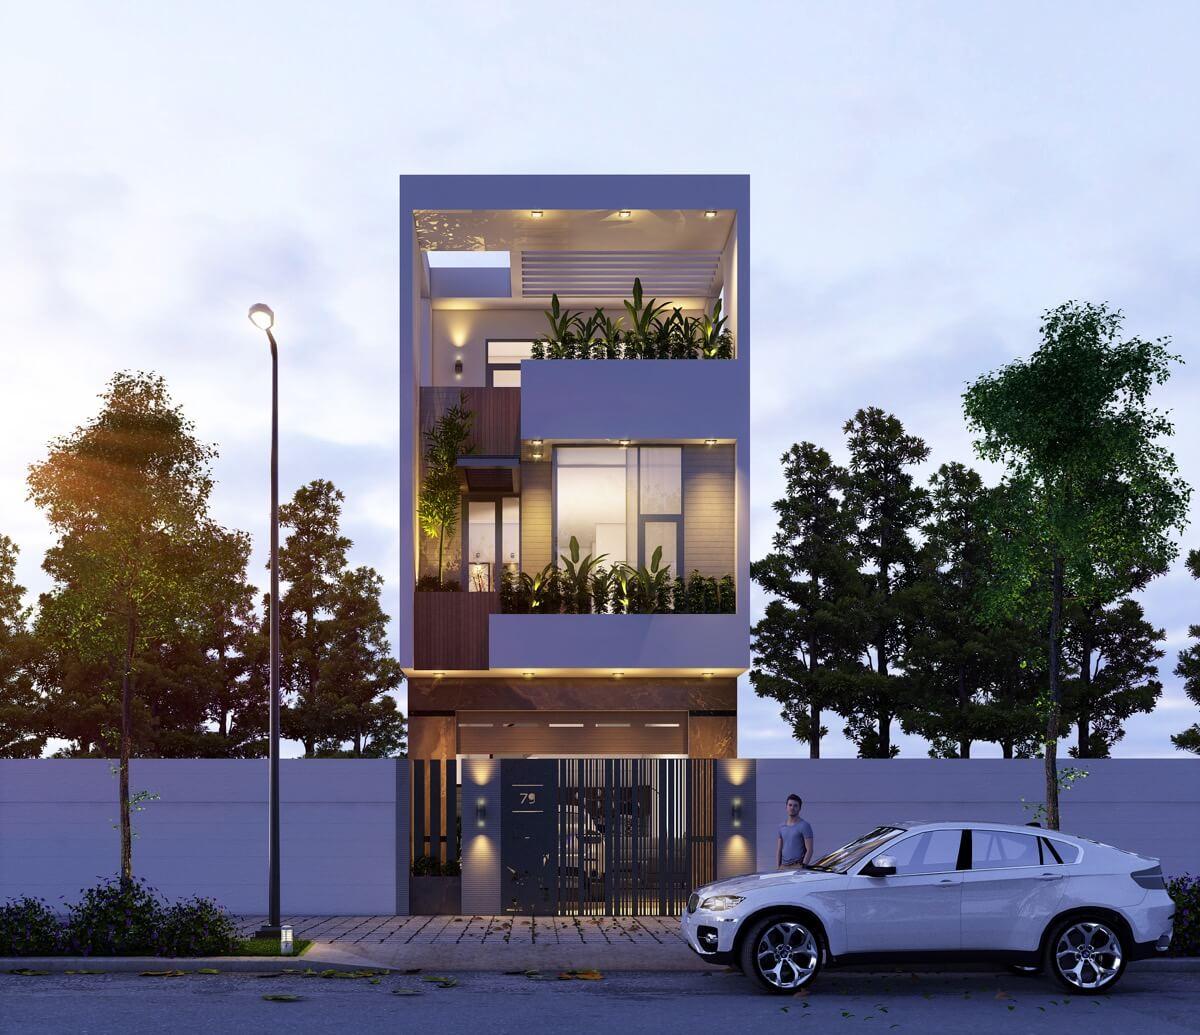 thiết kế mẫu nhà phố 3 tầng hiện đại gần gũi với thiên nhiên 6